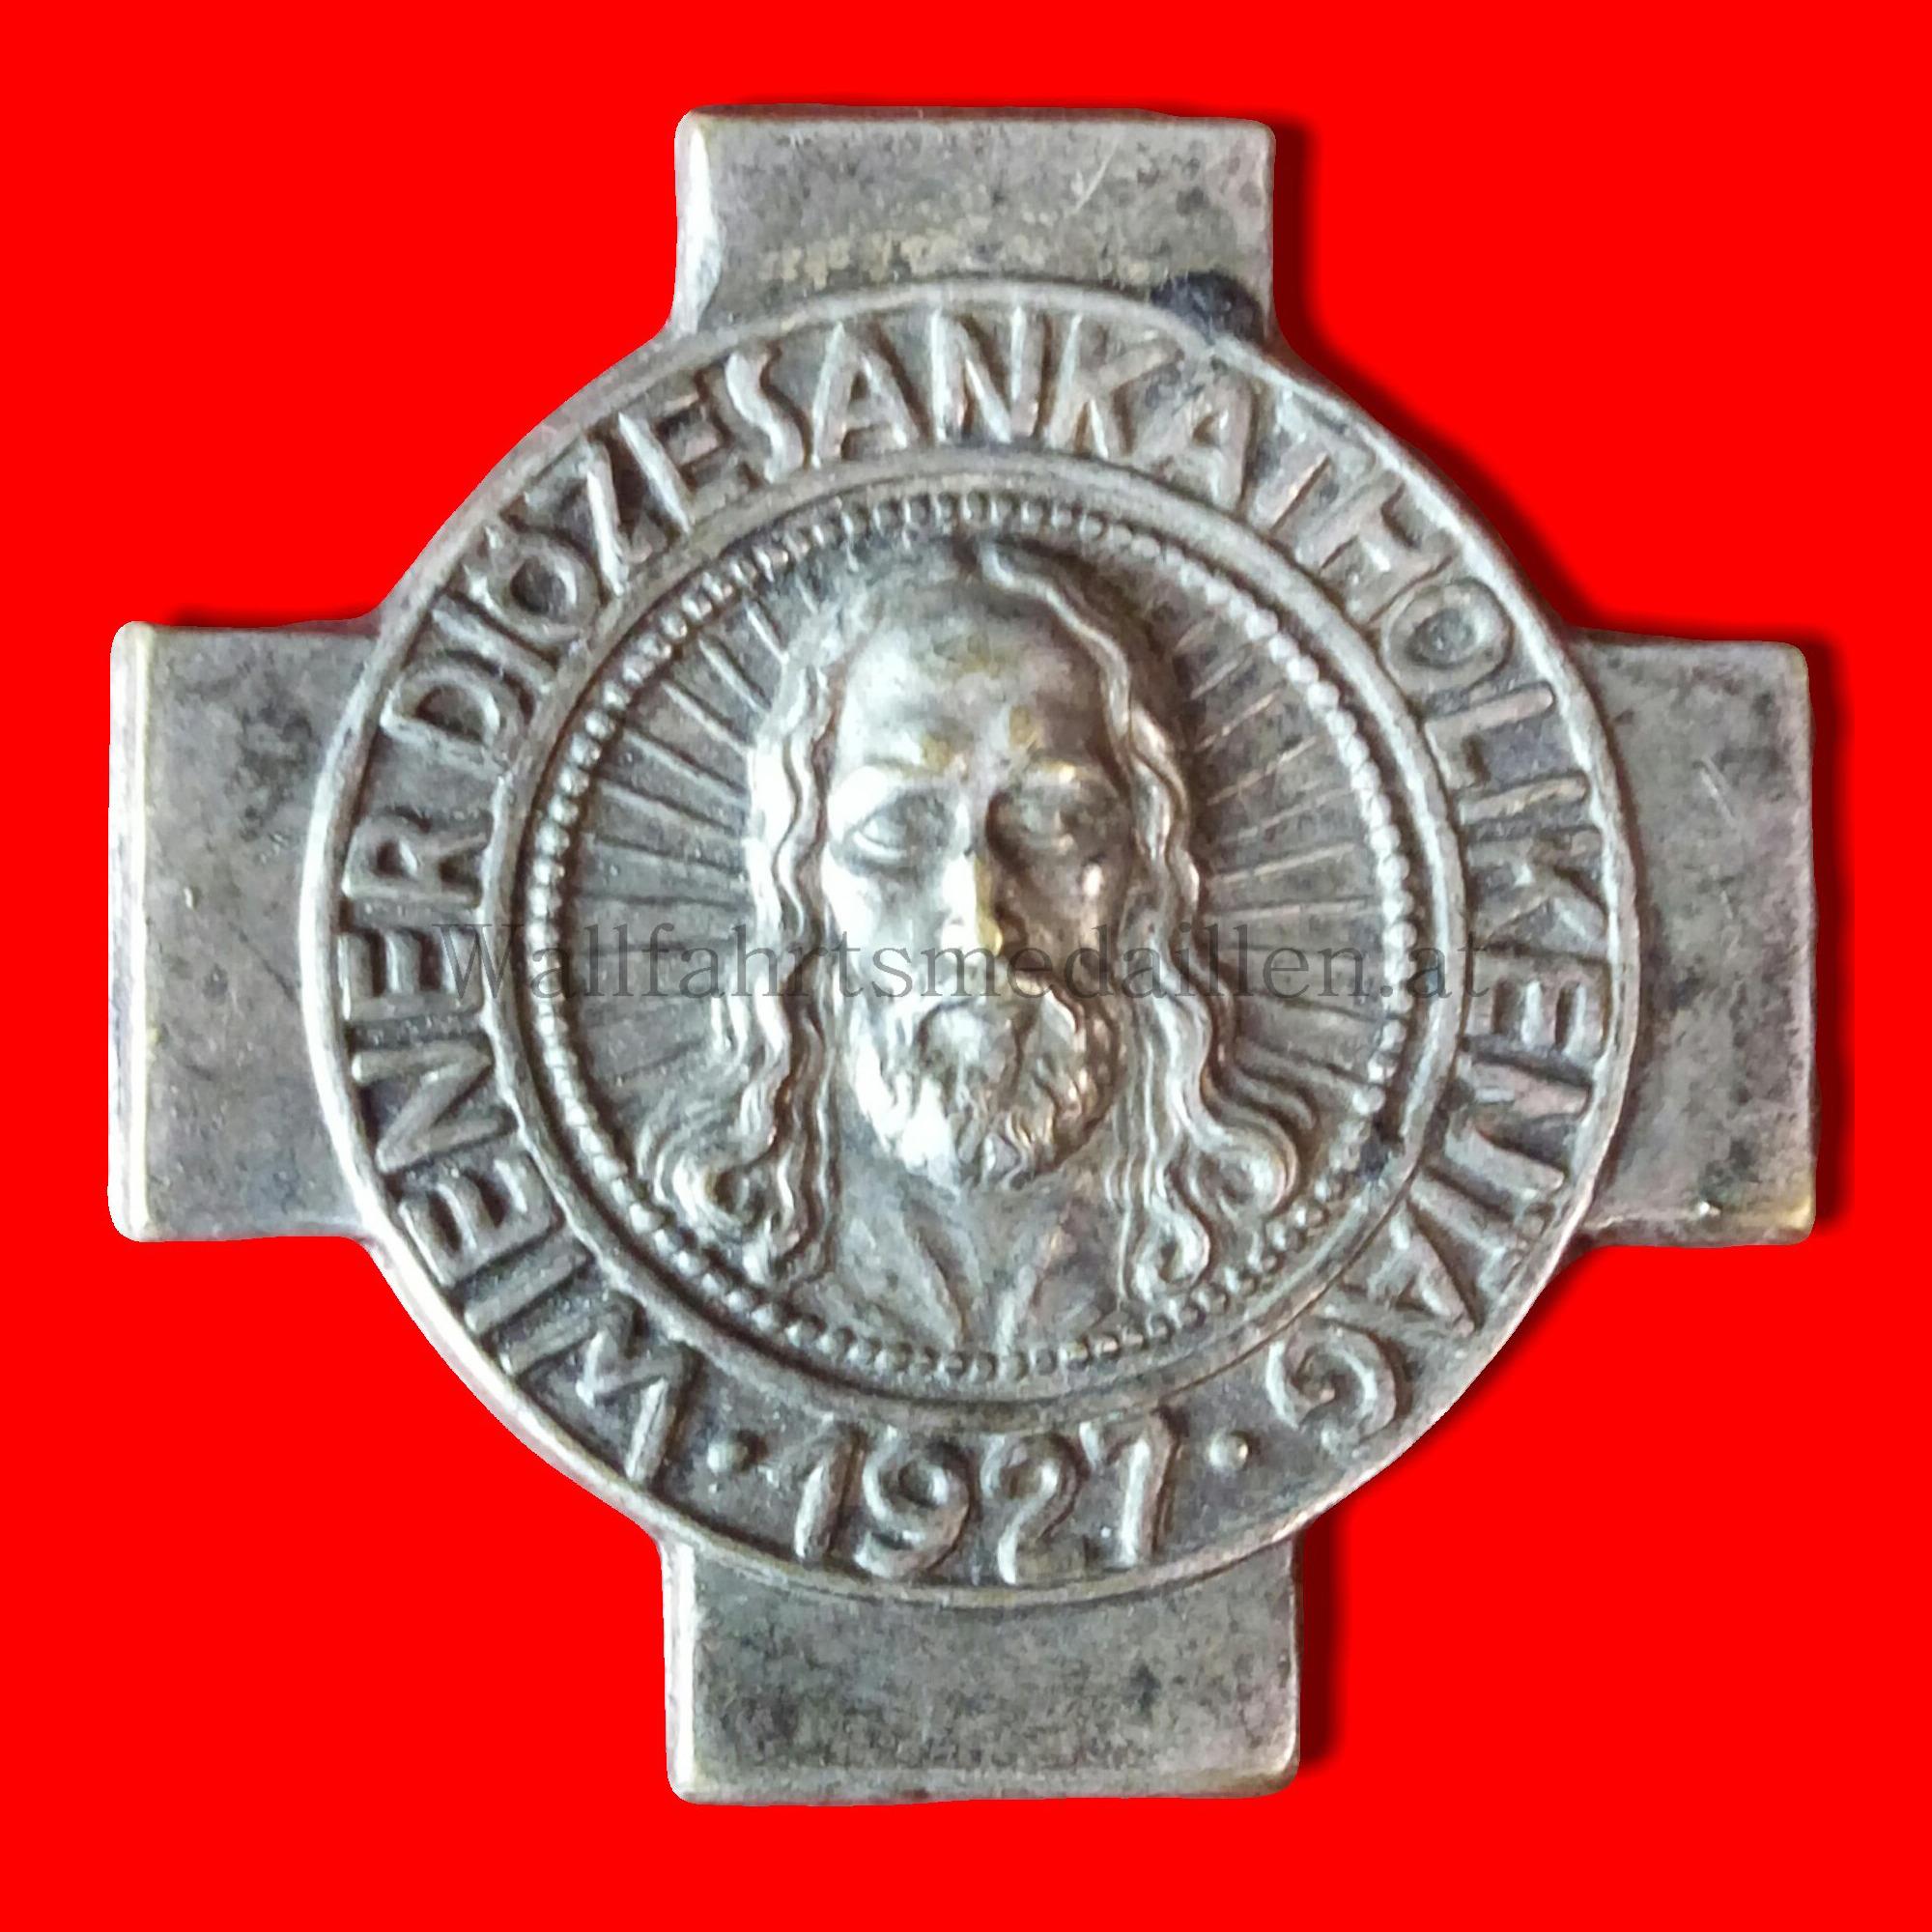 Diözesan Katholikentag Wien 1927